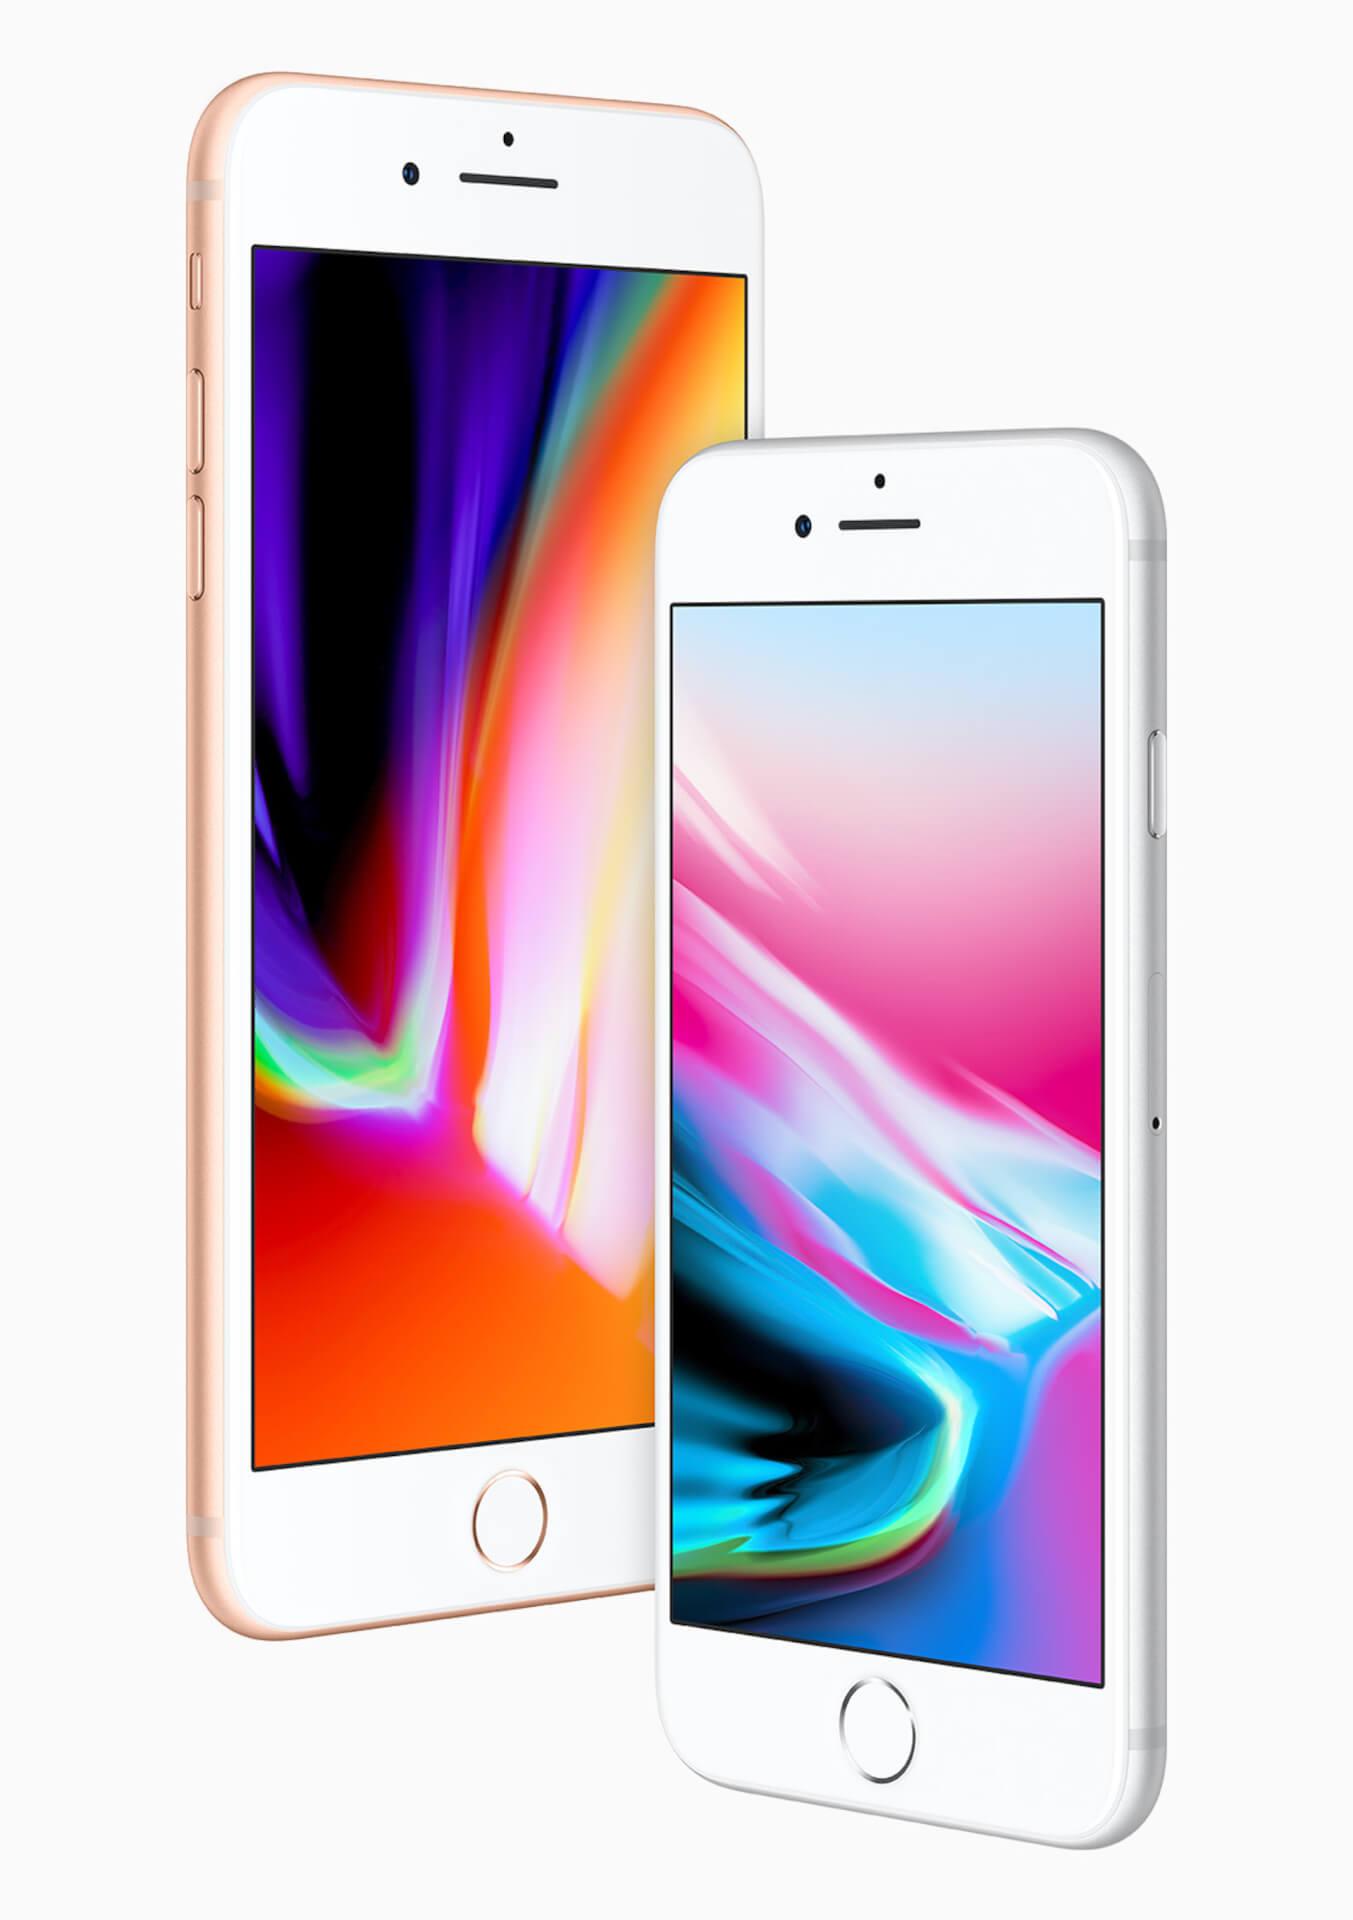 廉価版iPhoneは64GBと128GBの2モデル登場?販売価格も判明か tech200225_iphonese2_main